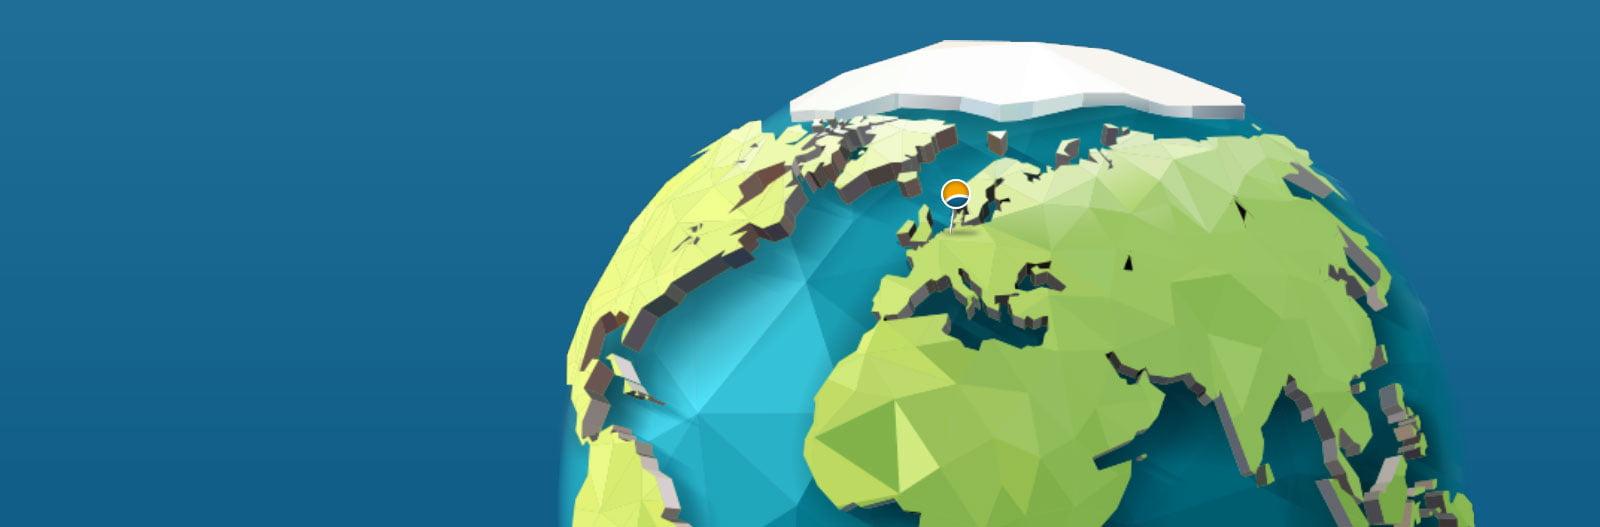 Die große Welt der Berufsunfähigkeitsversicherung auf www.helberg.info